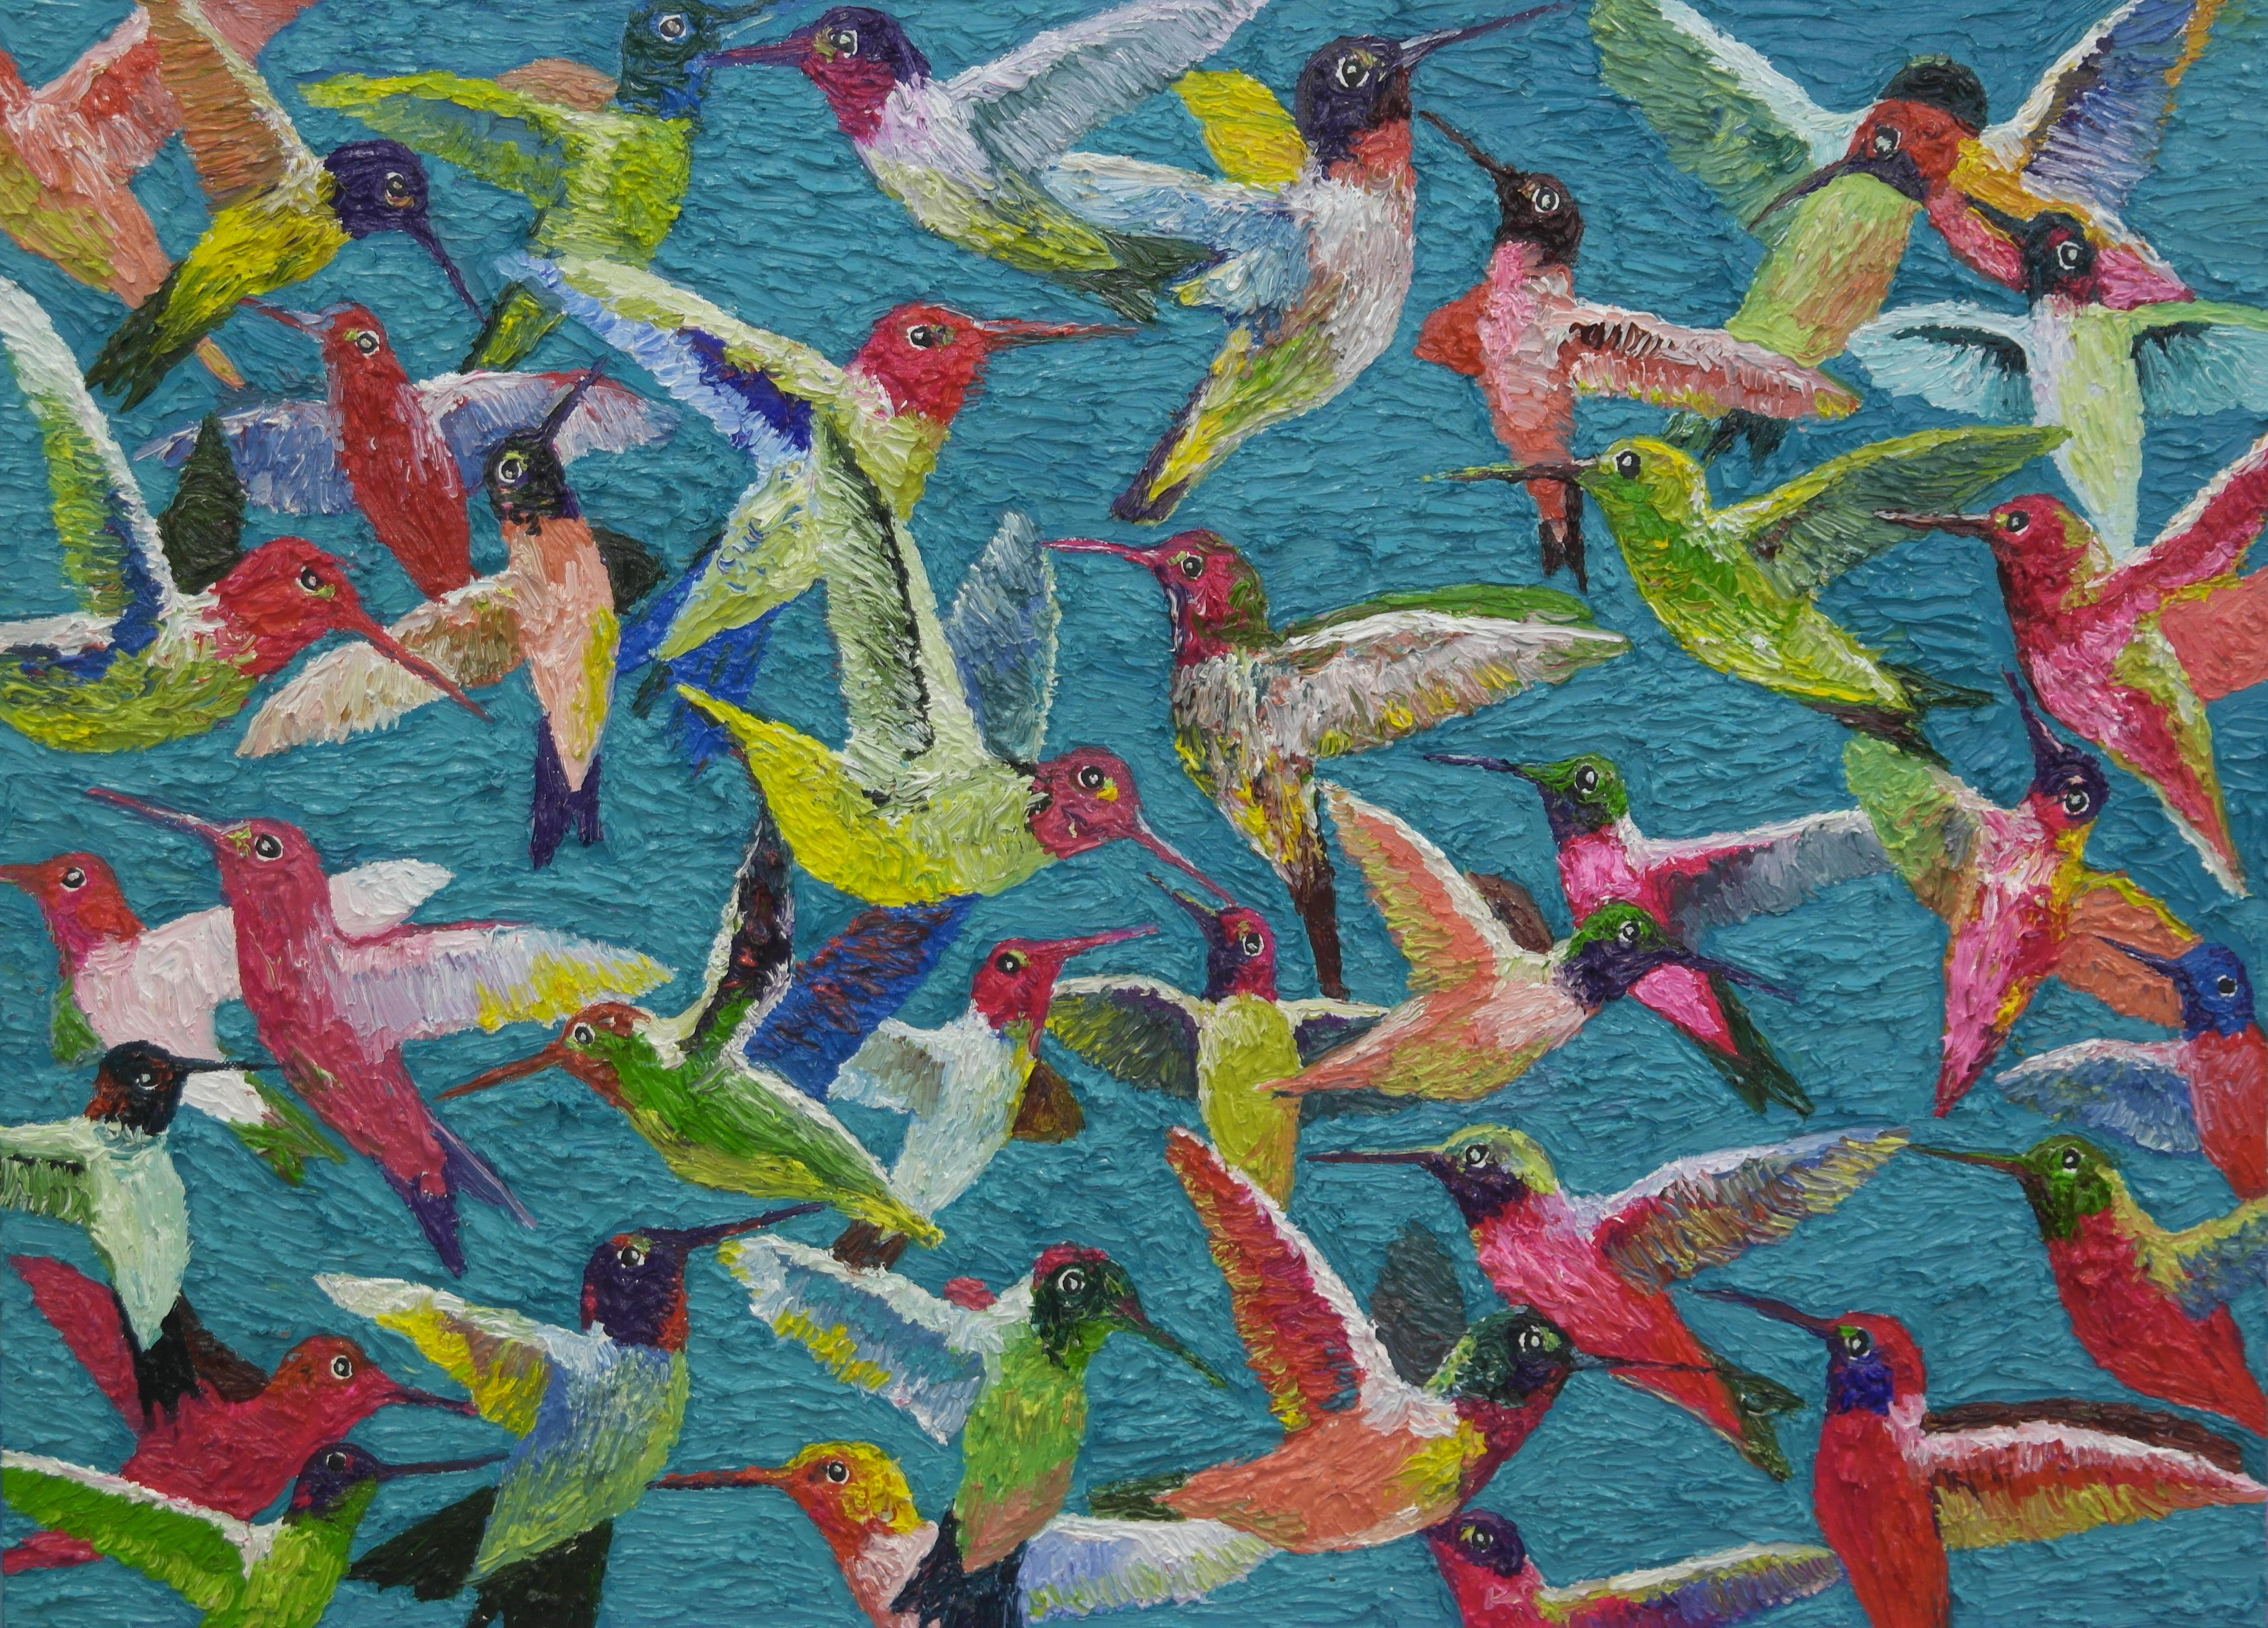 김인4, humminglife 72 x 53 cm, oil on canv